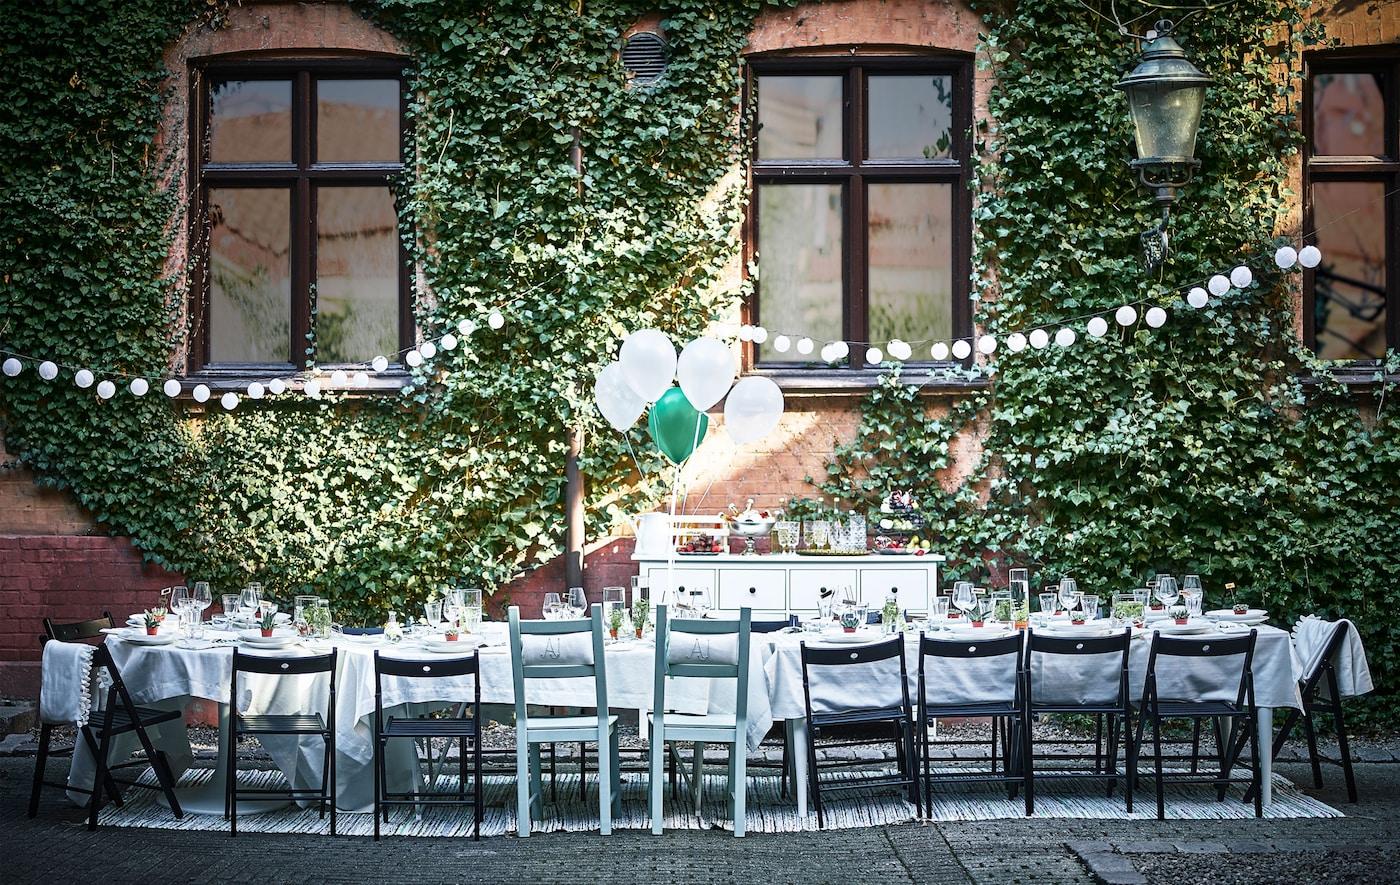 طاولة طعام لحفل زفاف مجهّزة وموضوعة في الفناء.